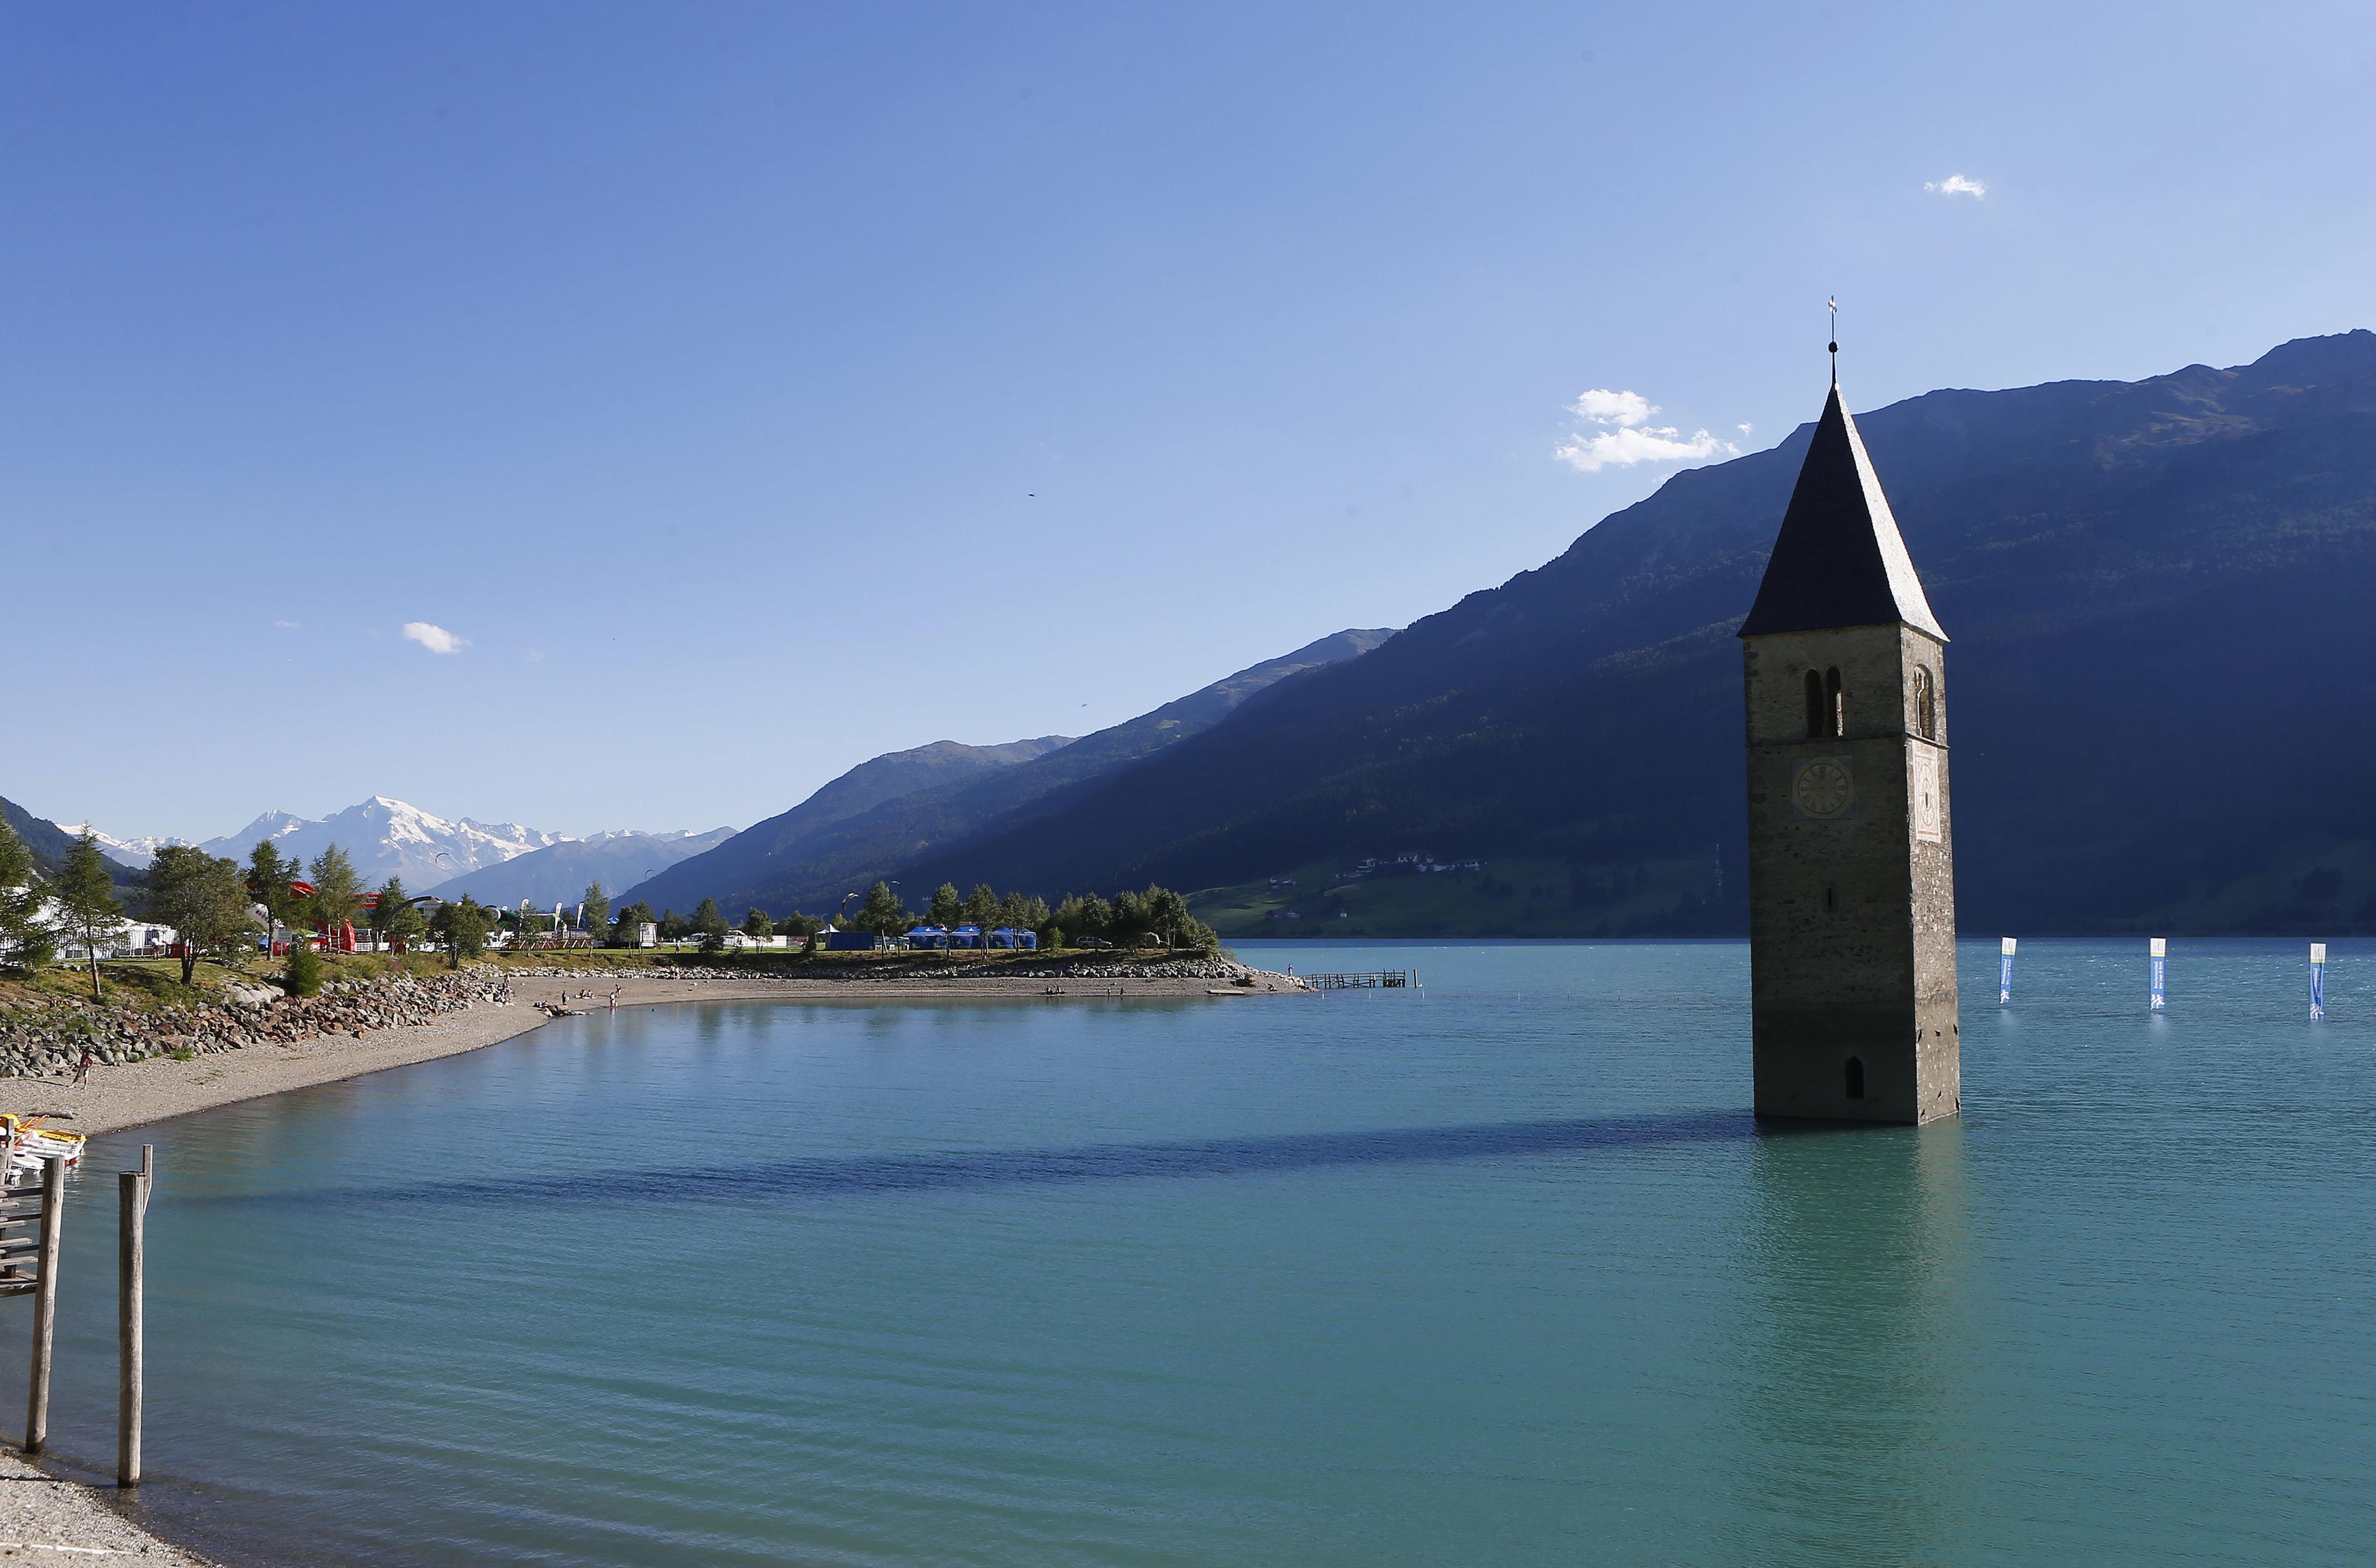 ITÁLIA, 2.8.2013. Uma torre no centro do lago Reschensee em Graun